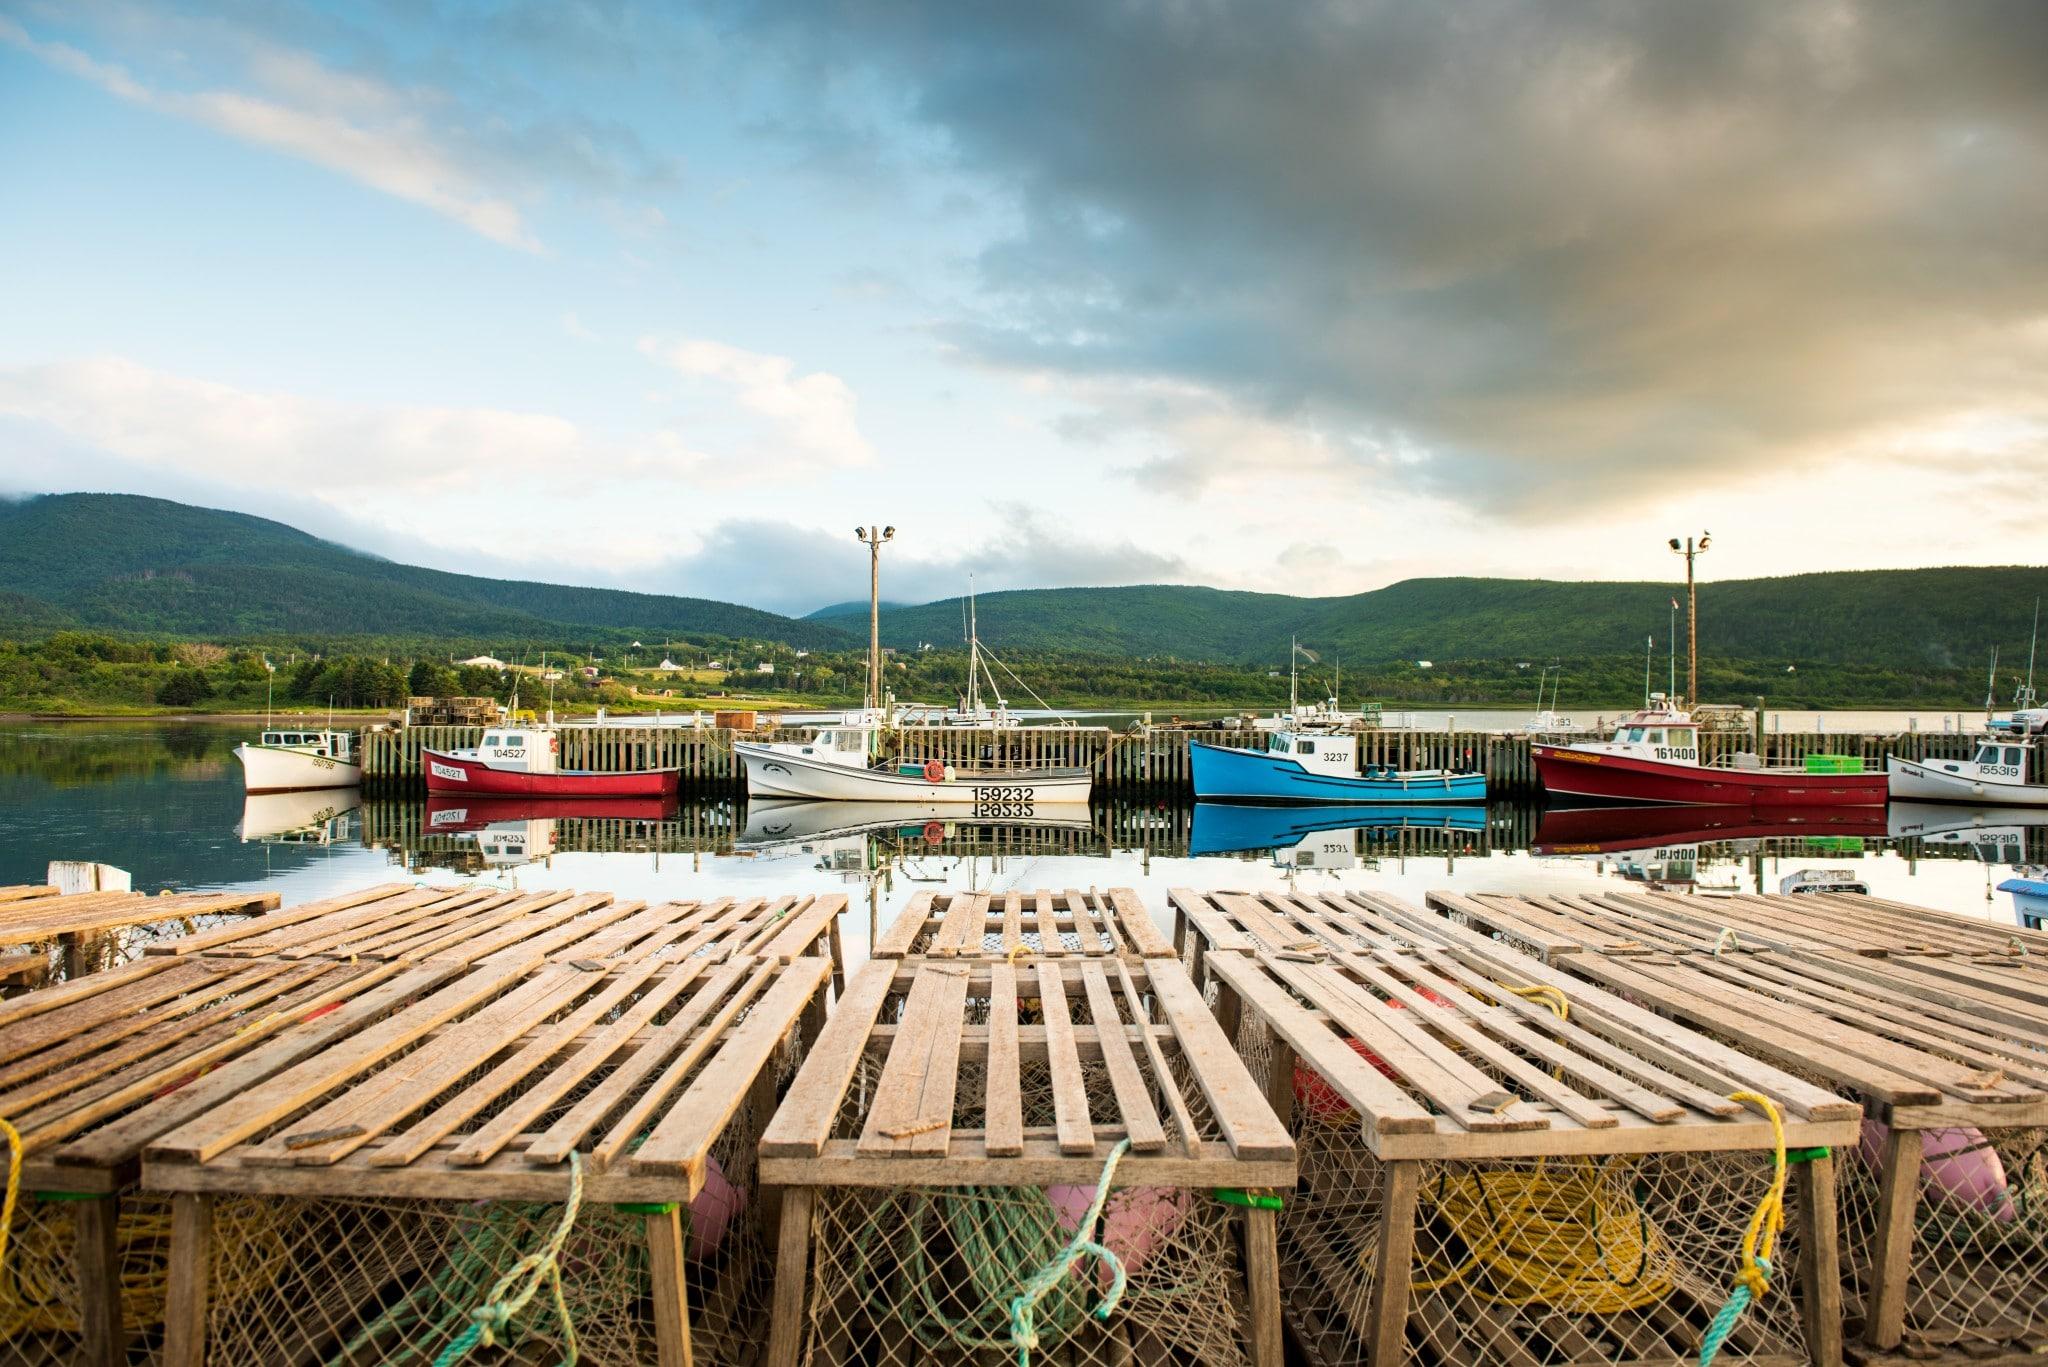 Tourism Nova Scotia / Dean Casavechia